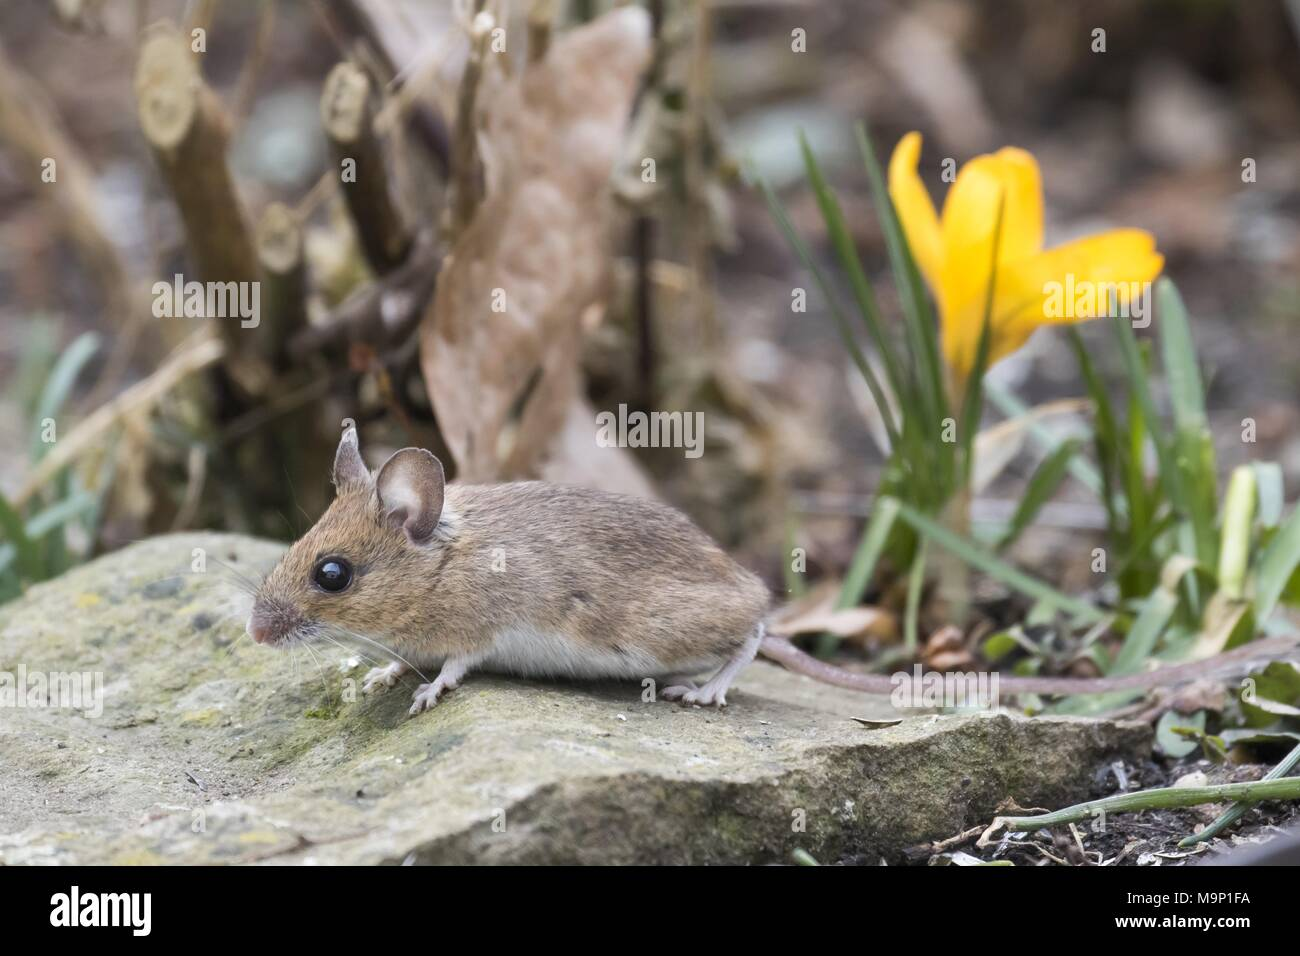 Gelb-necked Maus (Apodemus flavicollis), Hessen, Deutschland Stockbild